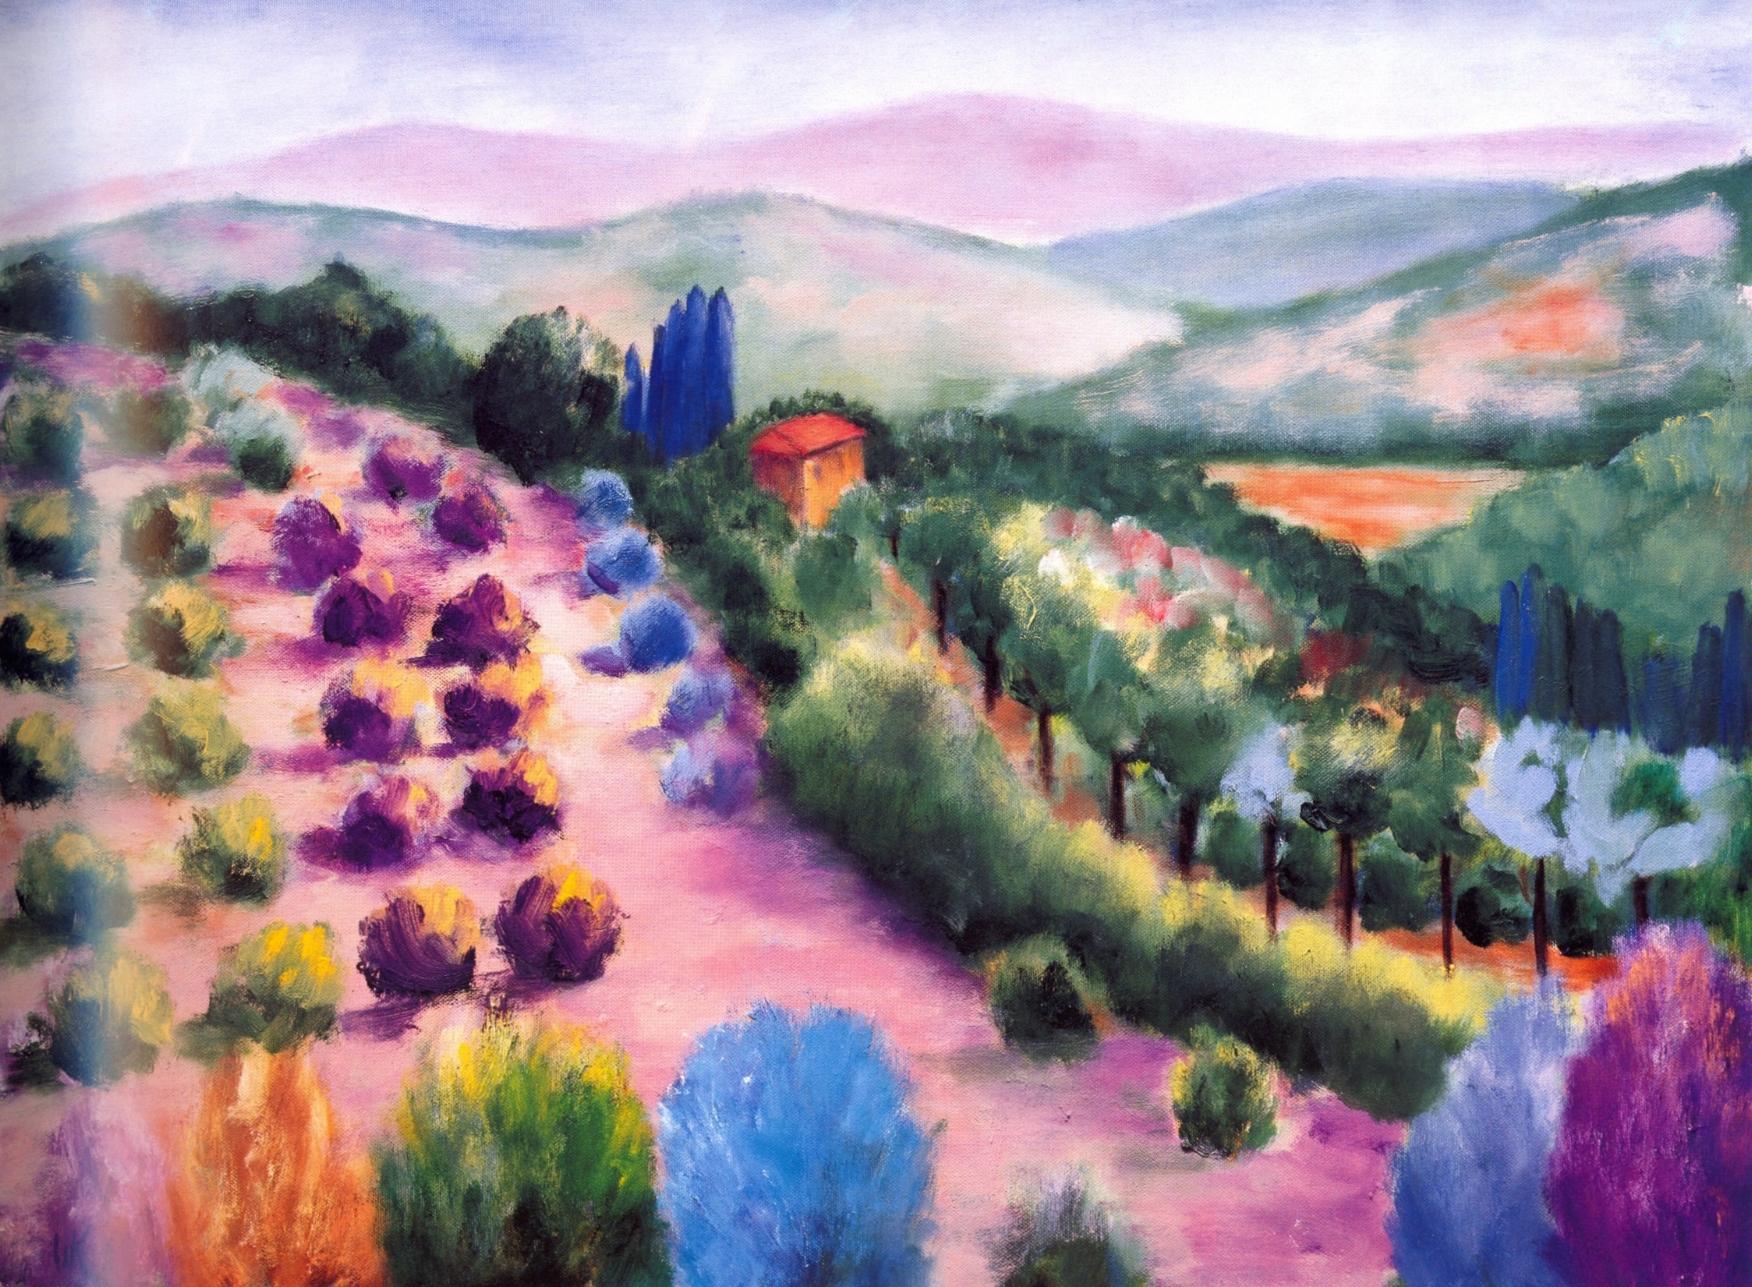 La Casa, Radda In Chianti   Oil on canvas, 24'' x 32'', 2004